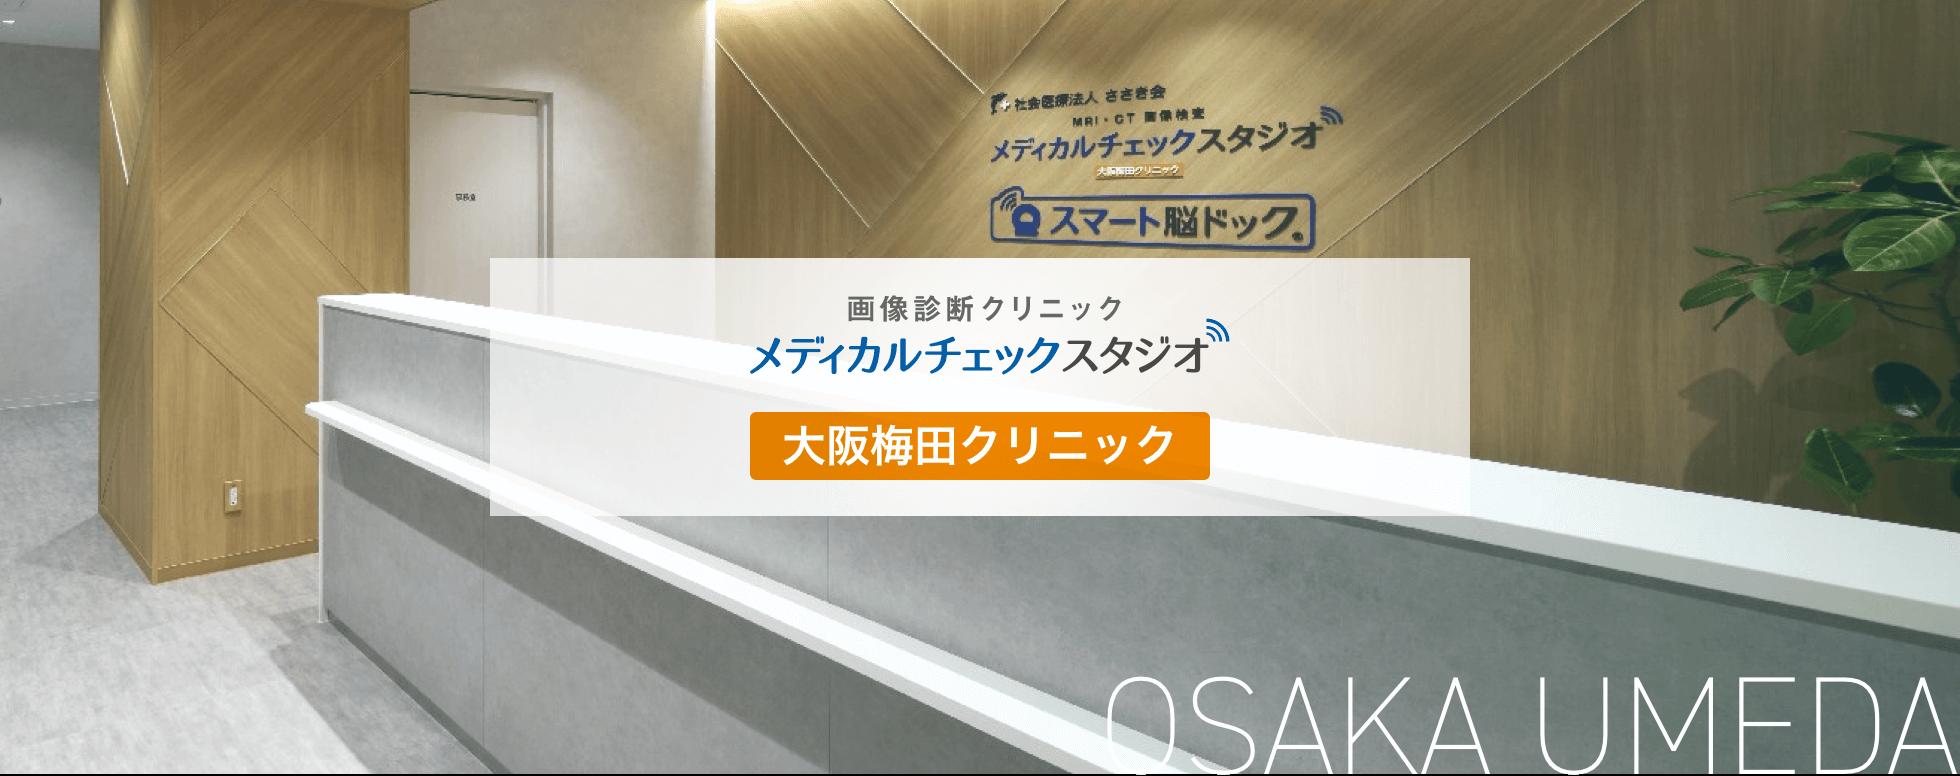 MCS大阪梅田クリニック